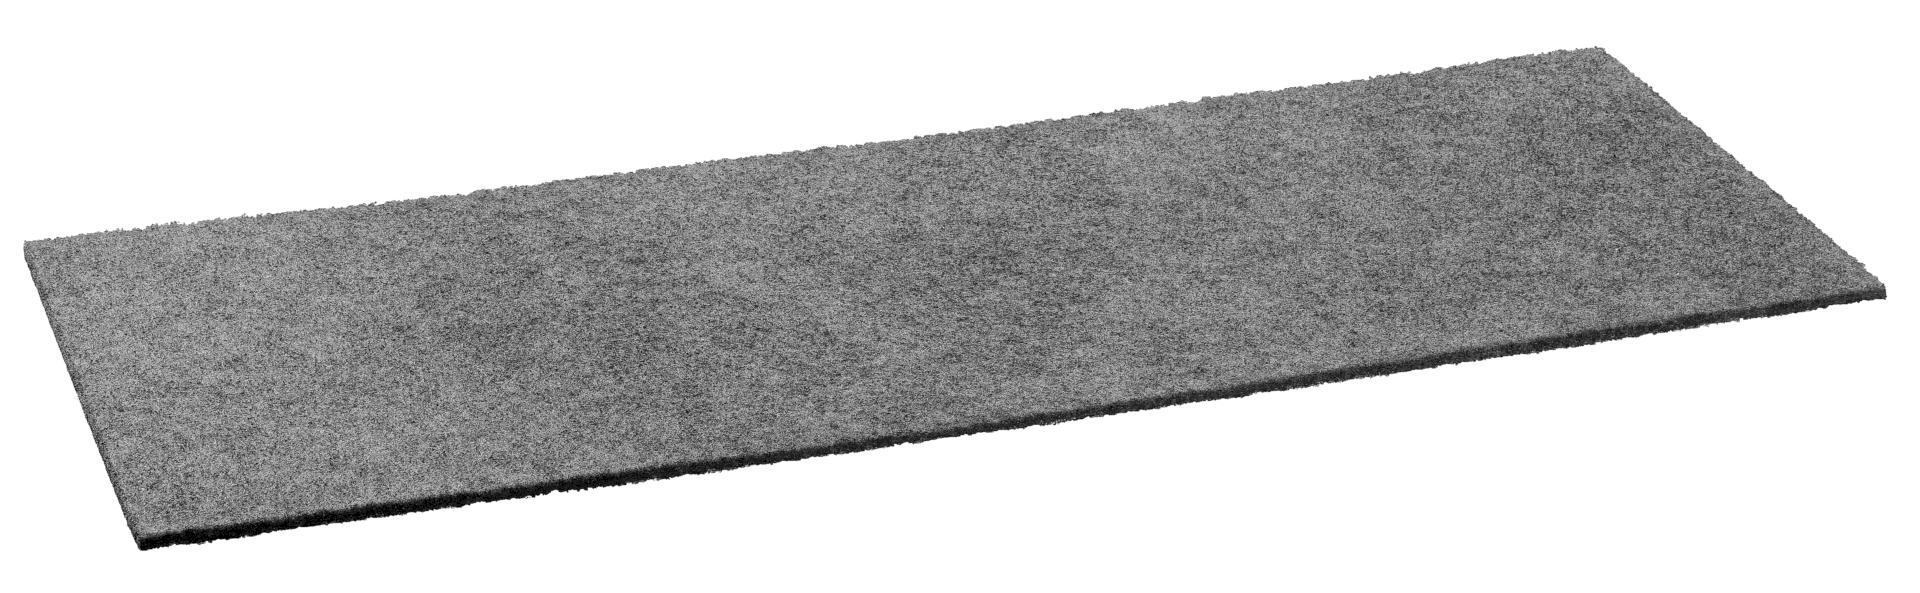 Bartscher Aktivkohlefiltermatte KST3240 Plus